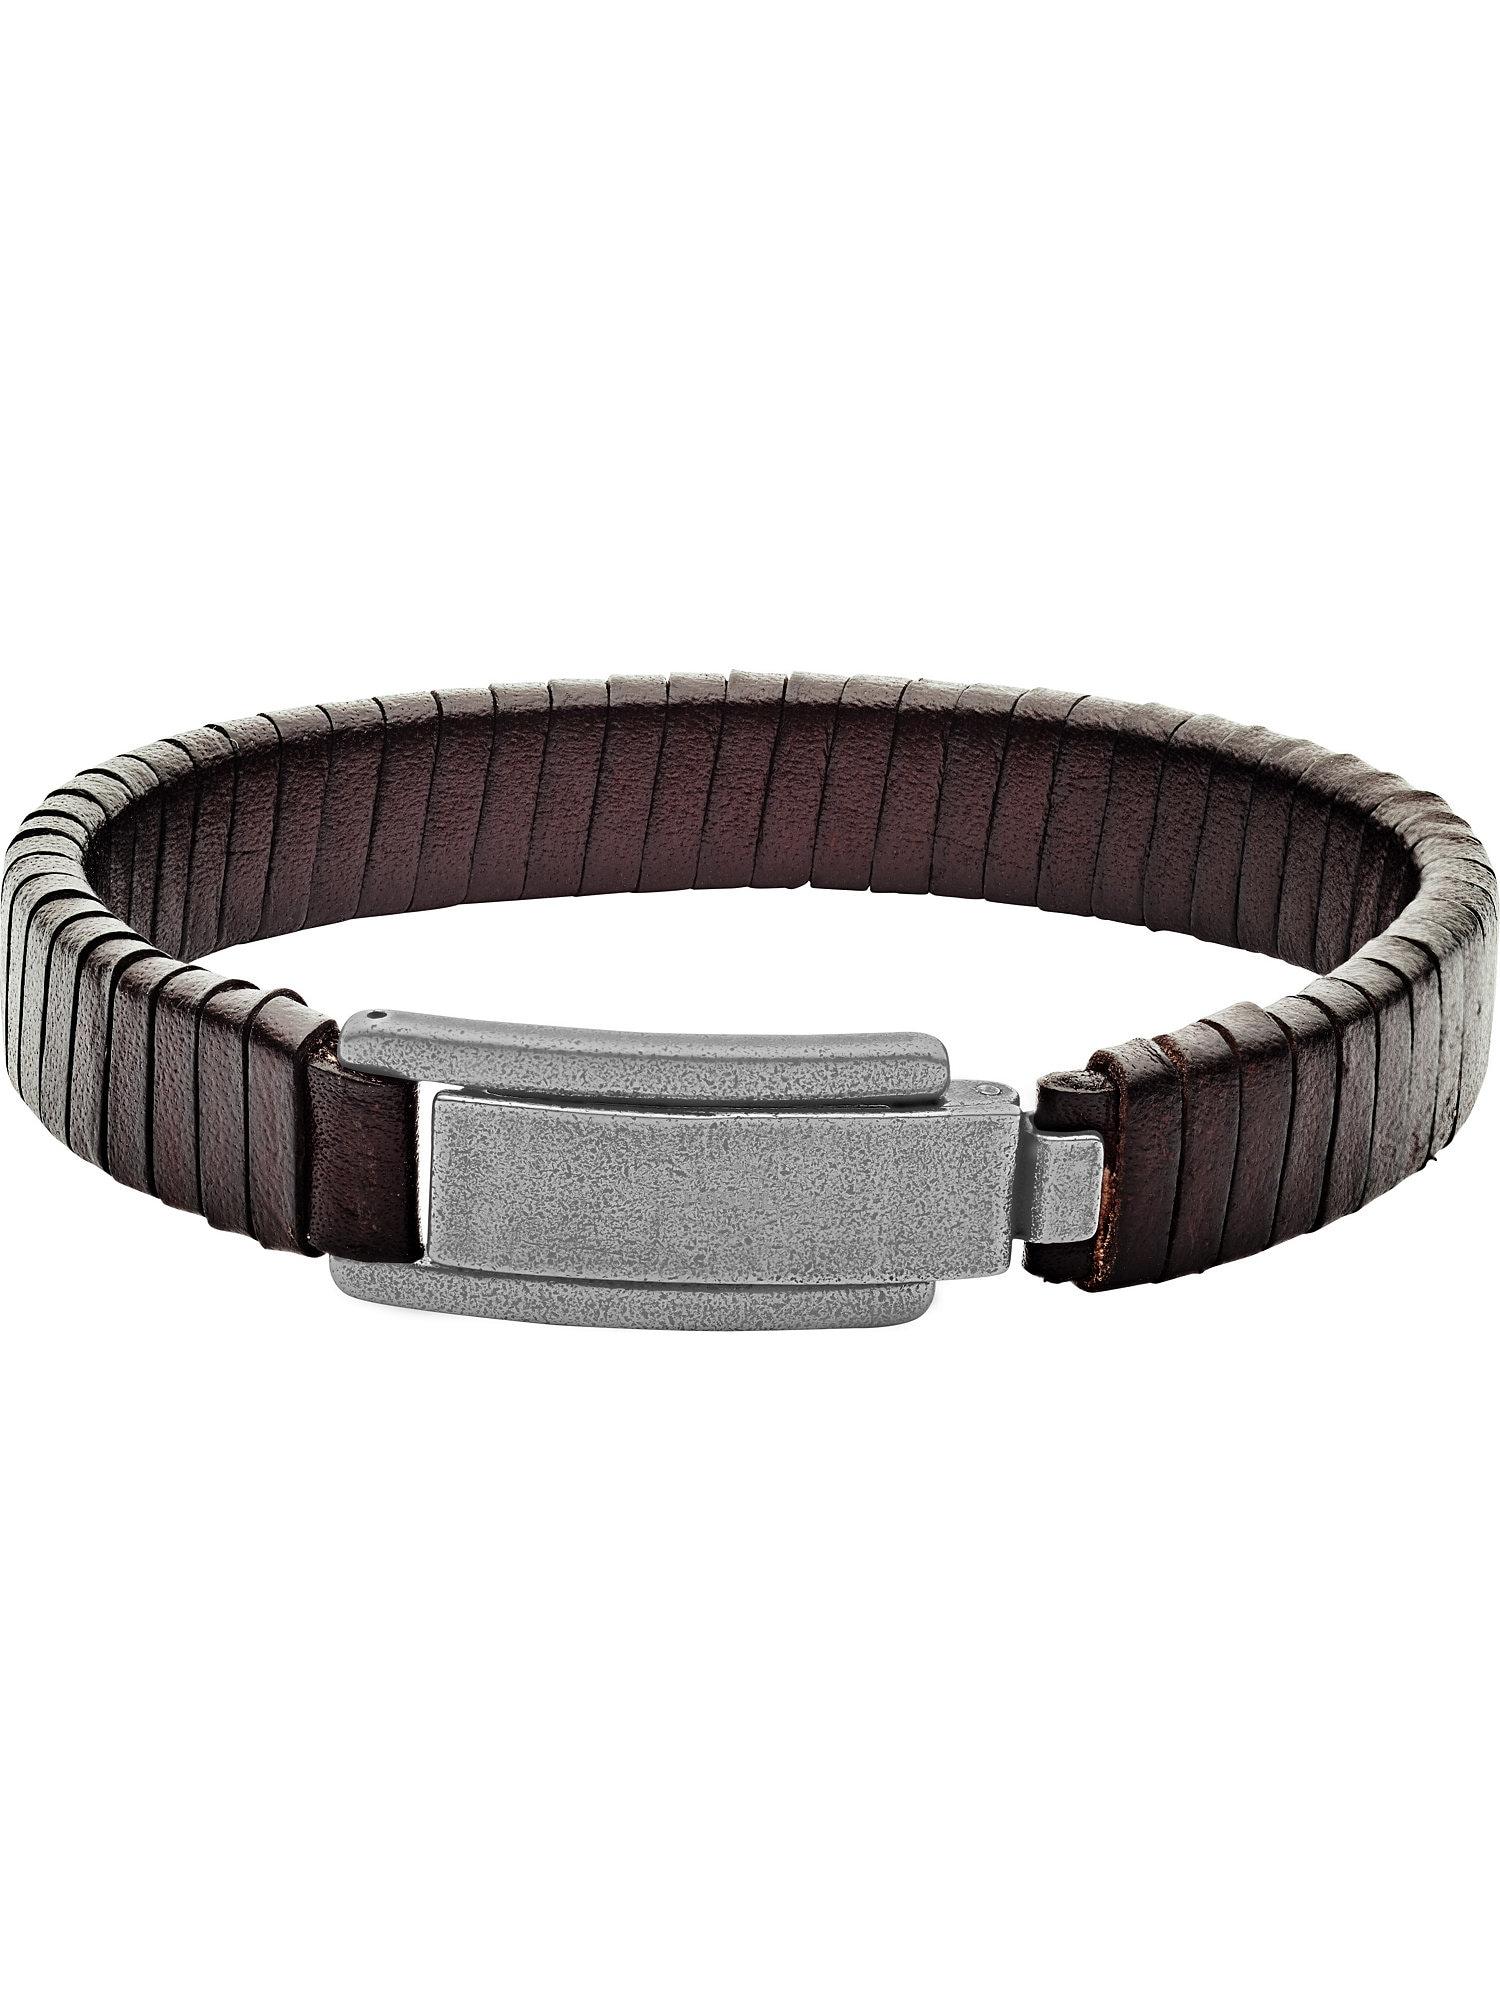 Armband 'JF03105793'   Schmuck > Armbänder > Sonstige Armbänder   Dunkelbraun   Fossil